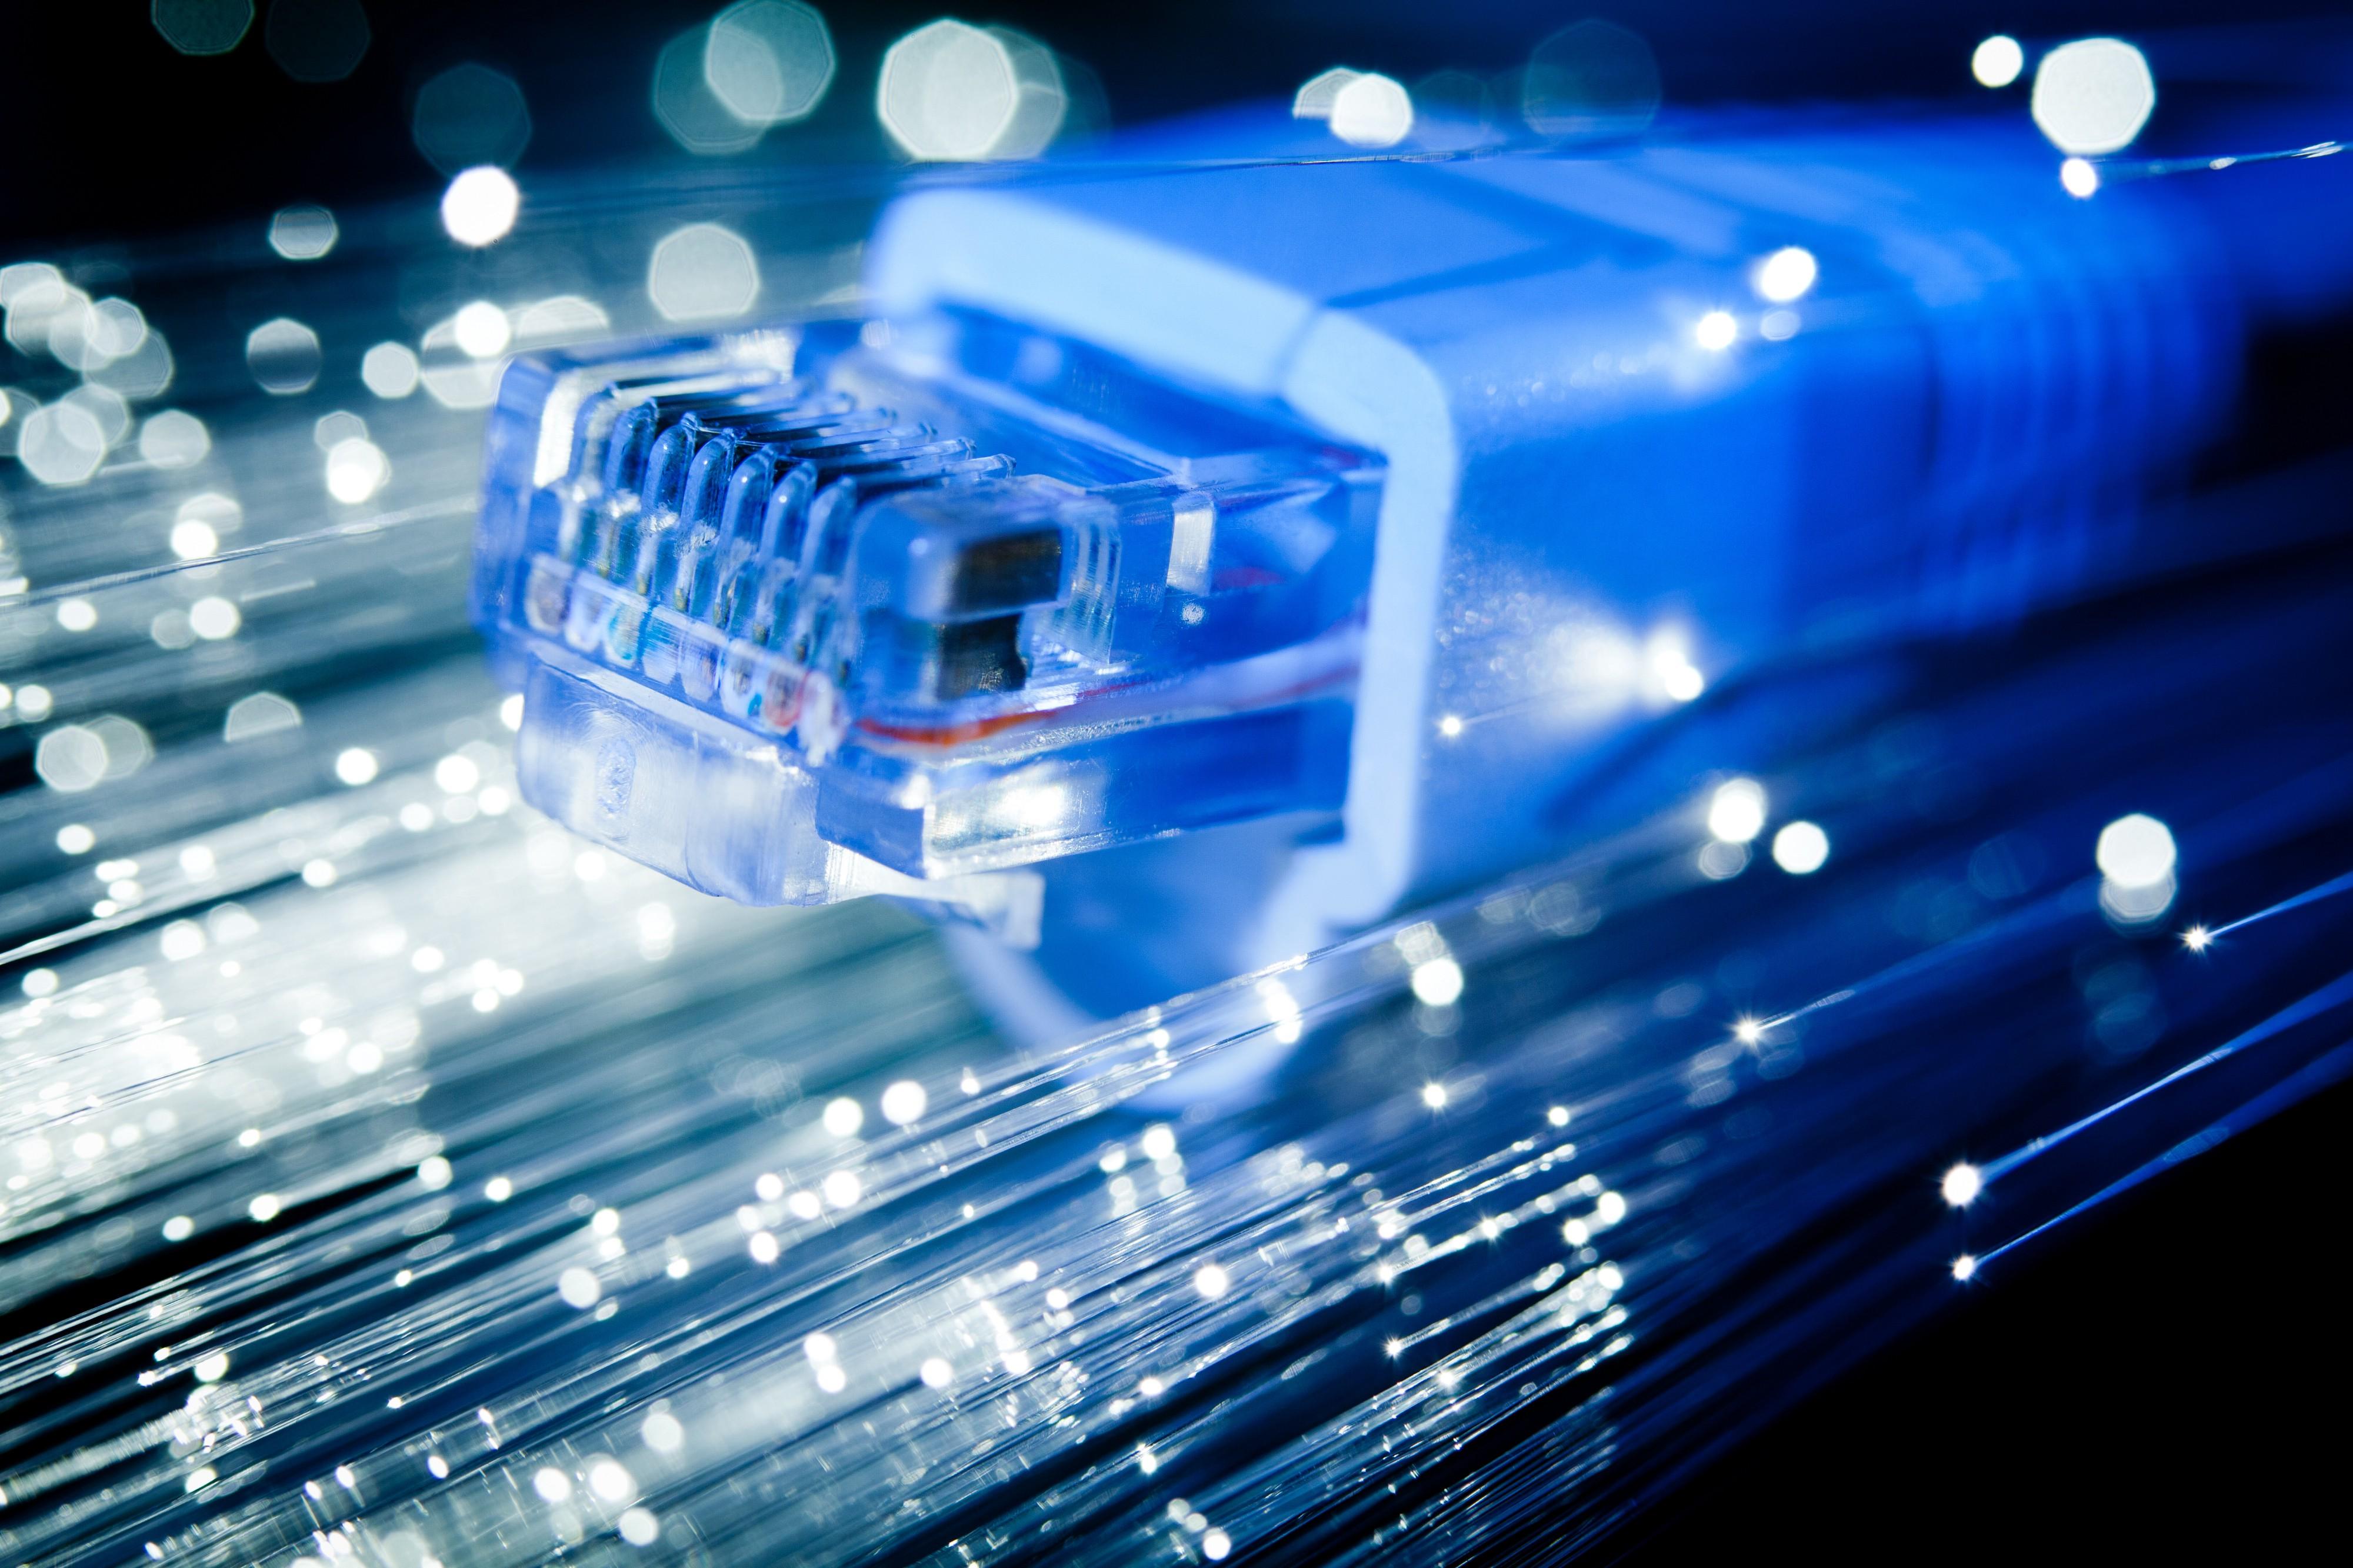 Британия планирует использовать водопровод для прокладки новых сетей скоростного интернета